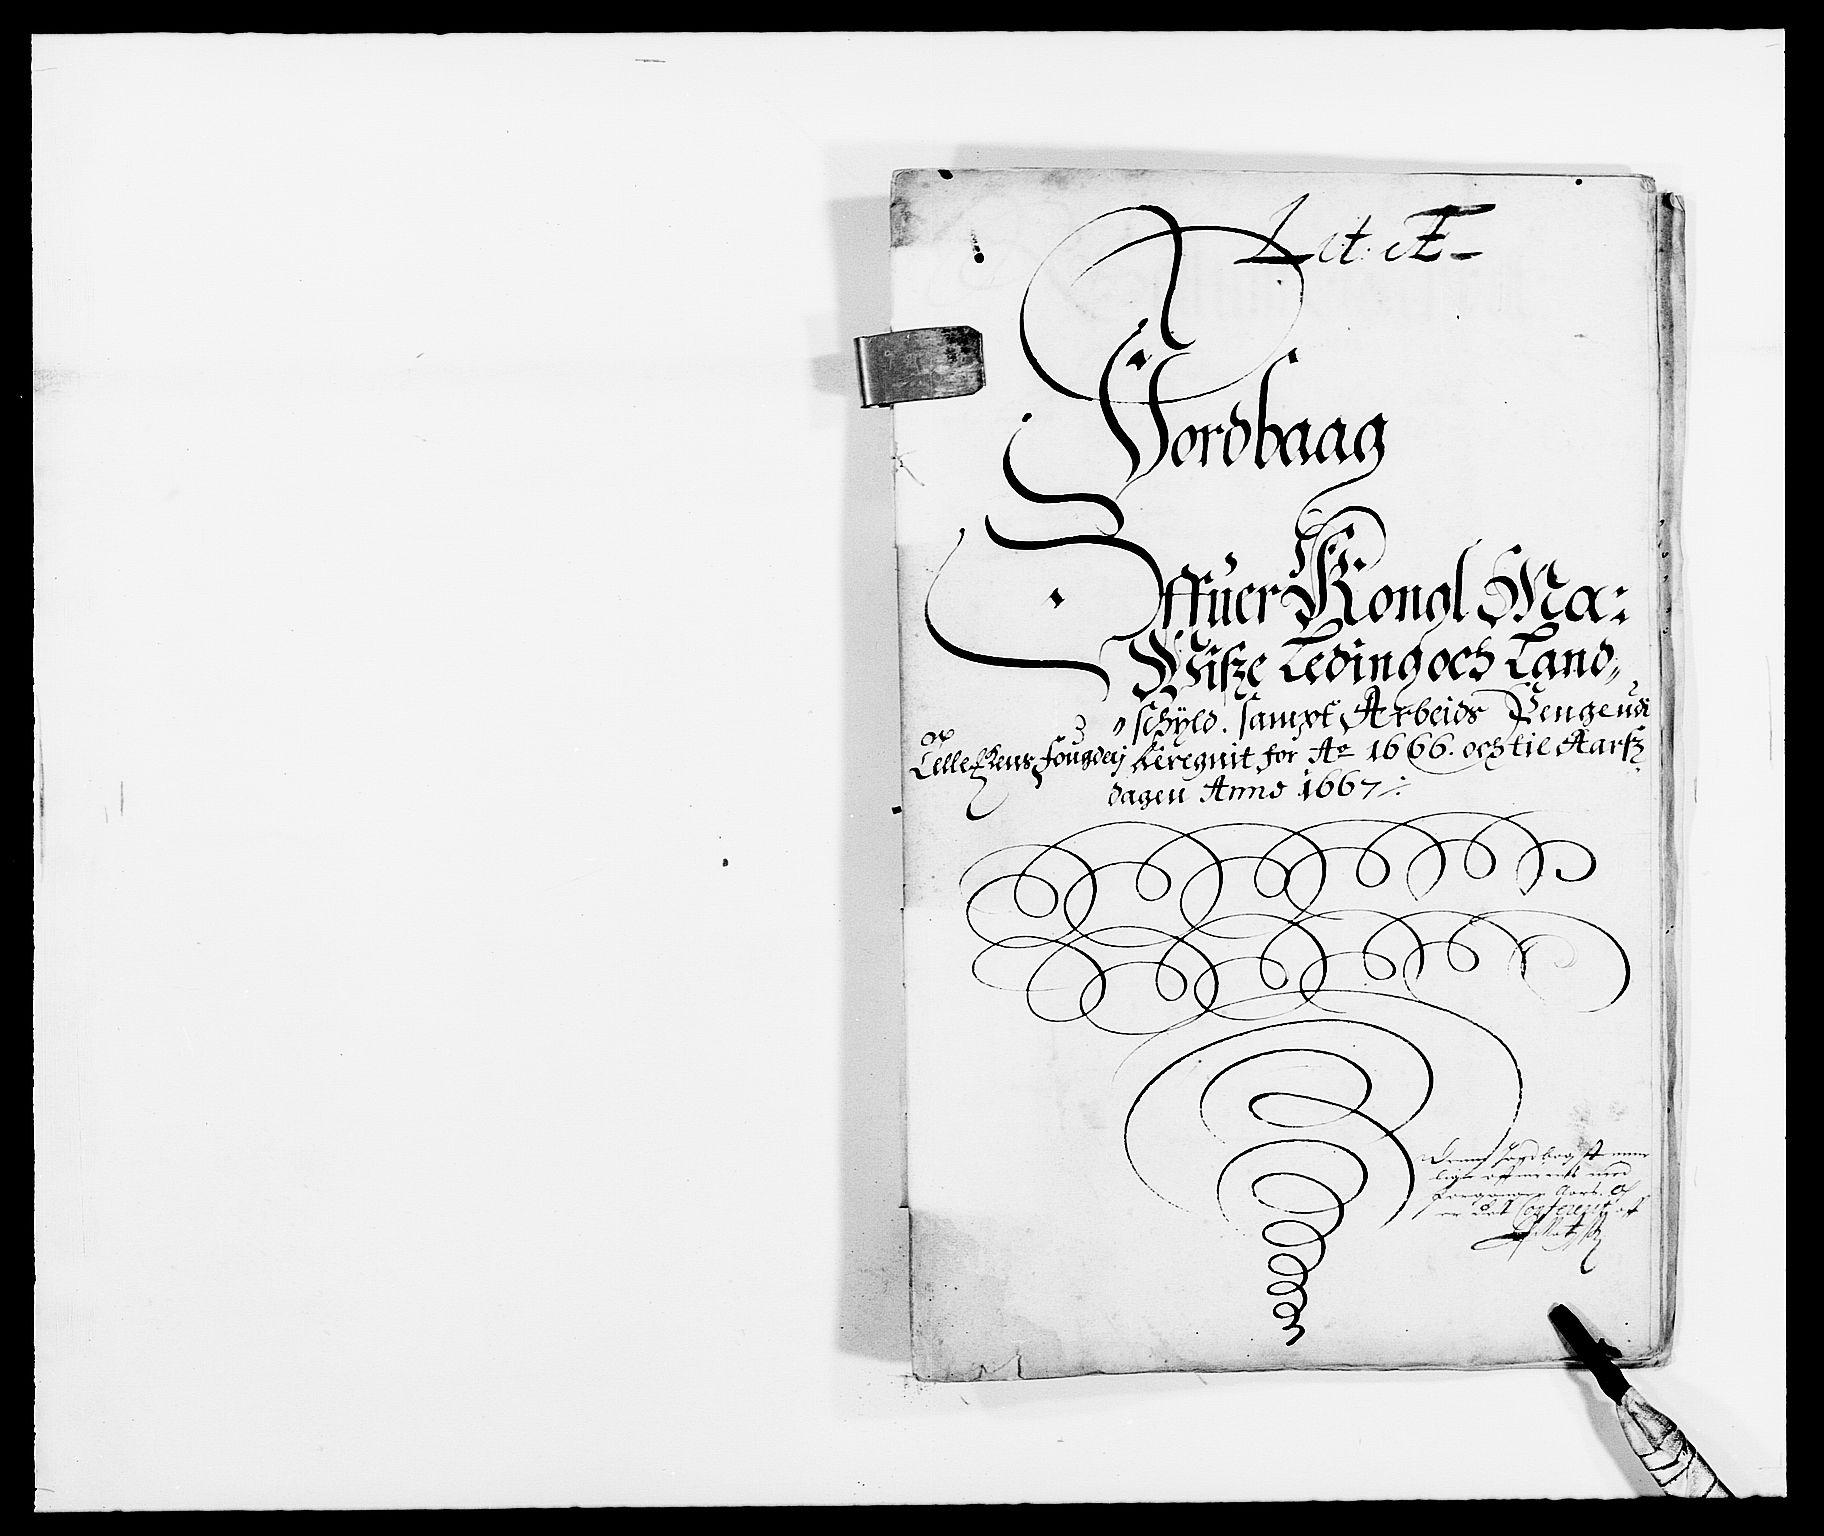 RA, Rentekammeret inntil 1814, Reviderte regnskaper, Fogderegnskap, R35/L2057: Fogderegnskap Øvre og Nedre Telemark, 1666-1667, s. 213